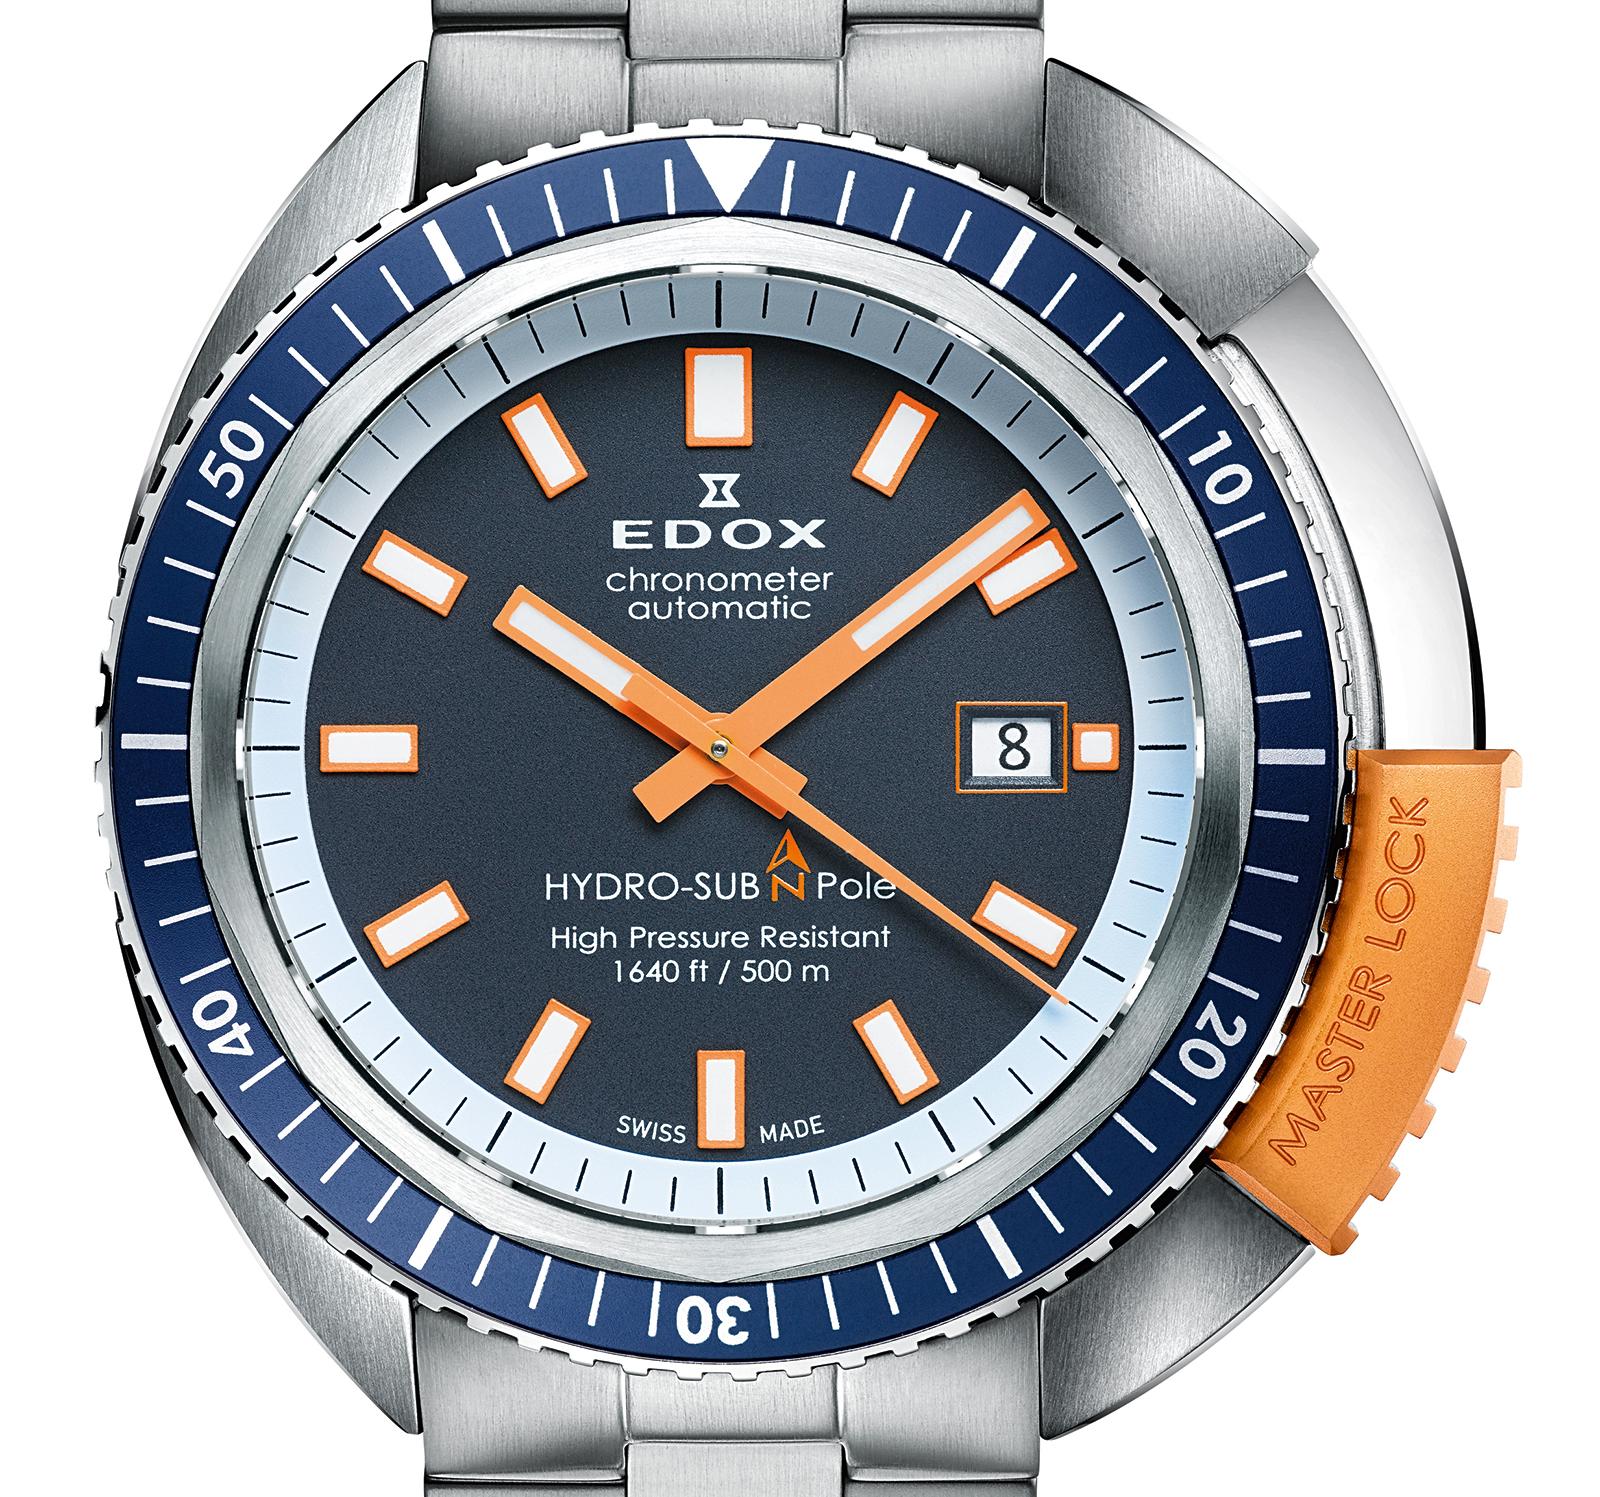 Edox-Hydro-Sub-North-Pole-11